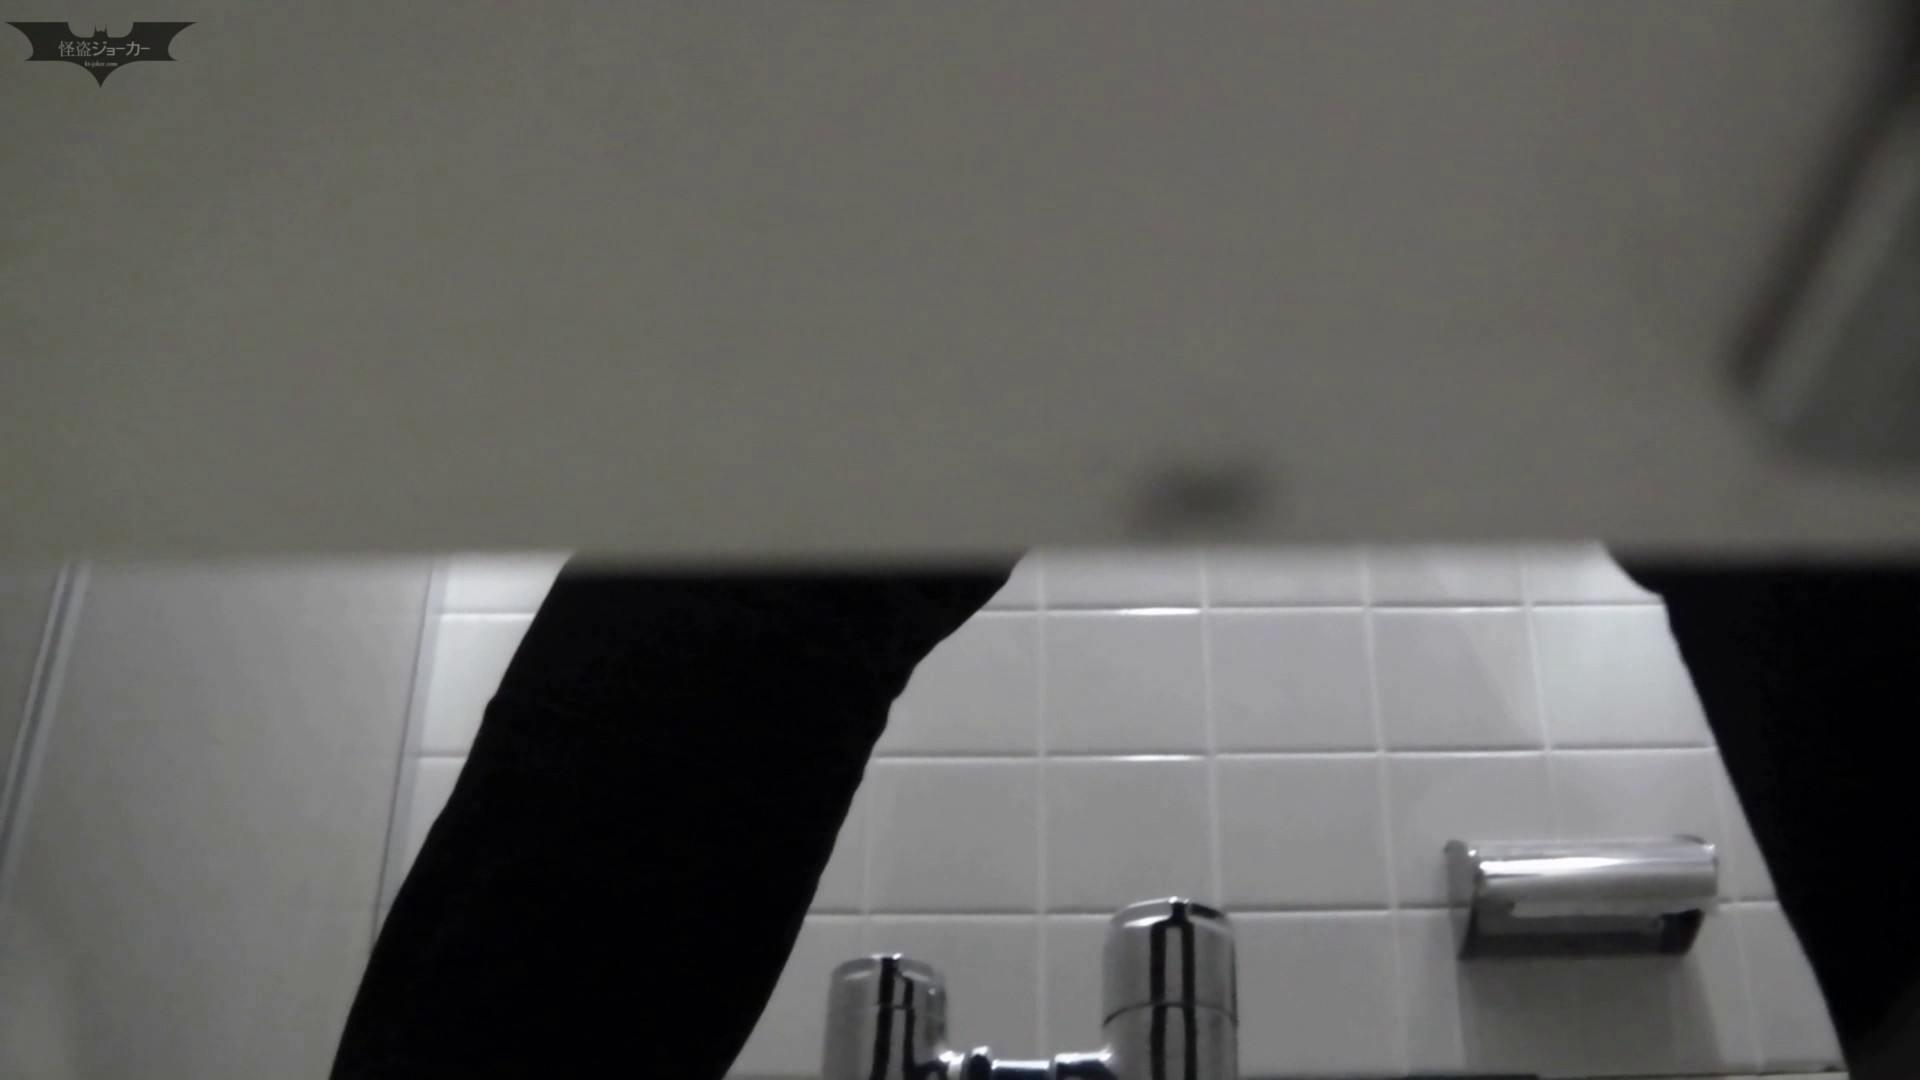 ハメ撮り|お銀さんの「洗面所突入レポート!!」 vol.55みなさんモリモリですね。|怪盗ジョーカー